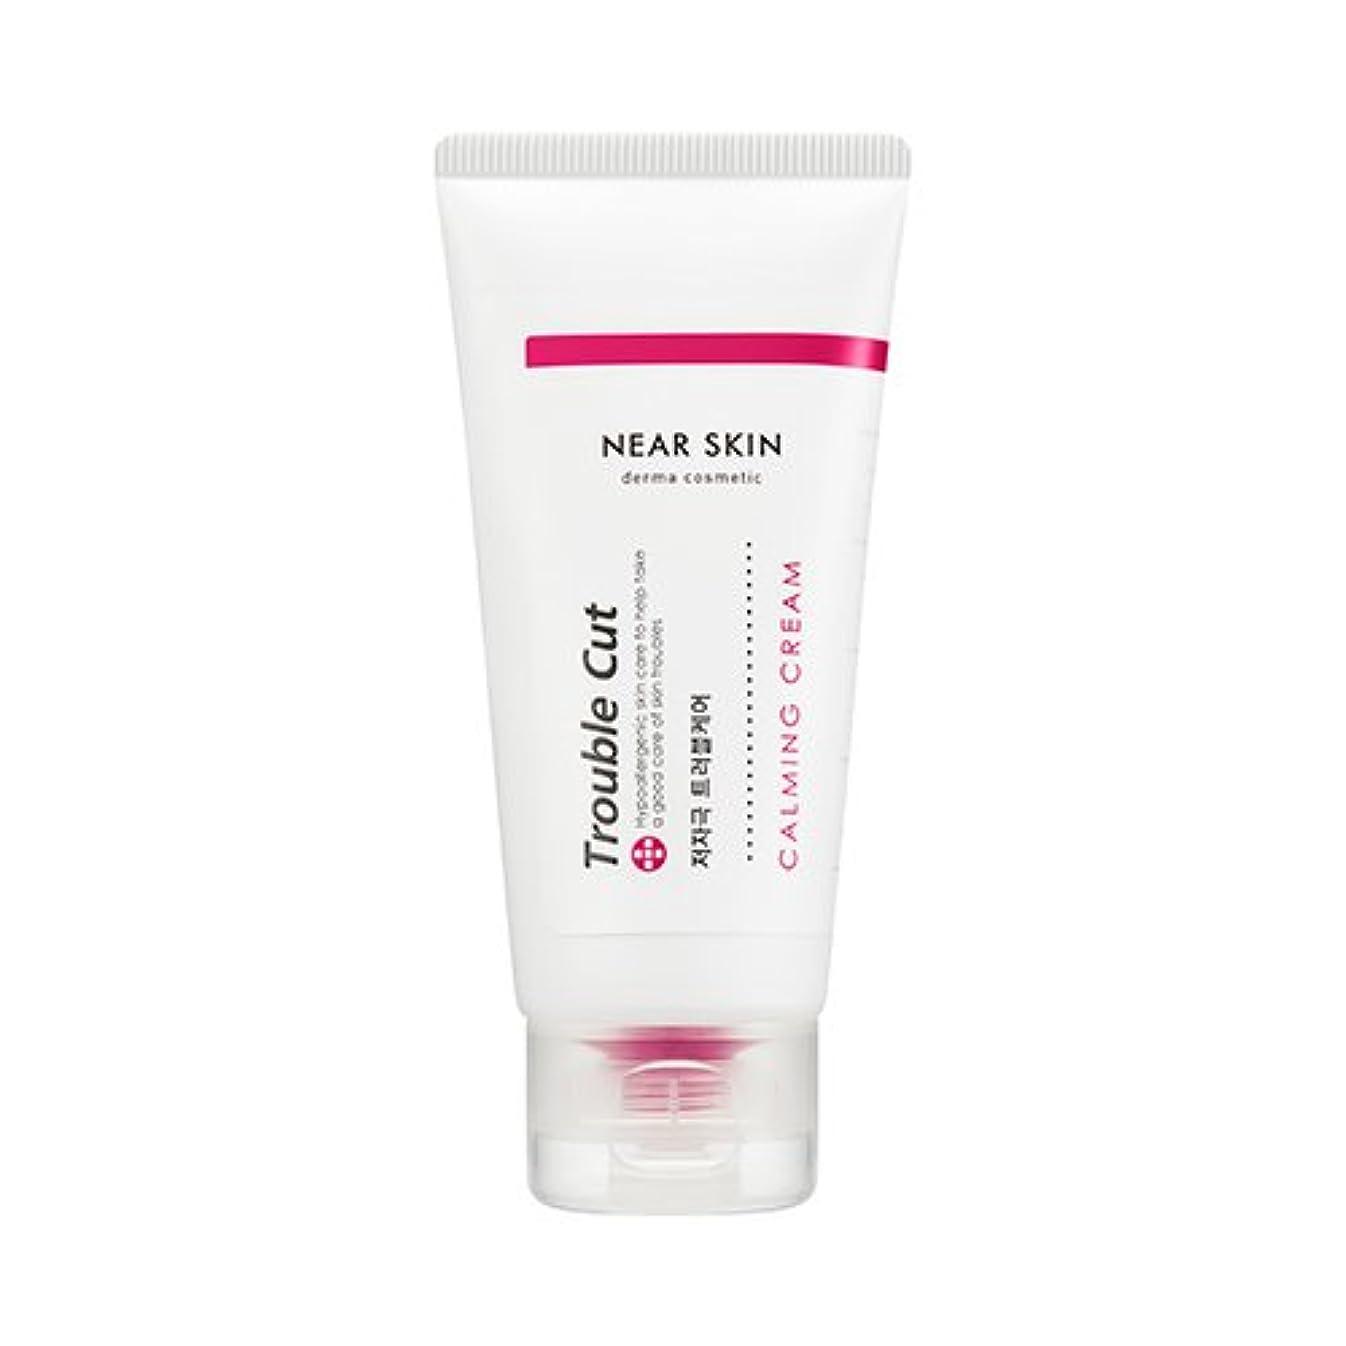 嫌な結び目脱臼するMISSHA [Near Skin] Trouble Cut Calming Cream 20ml / ミシャ ニアスキン トラブルカットカミングクリーム [並行輸入品]